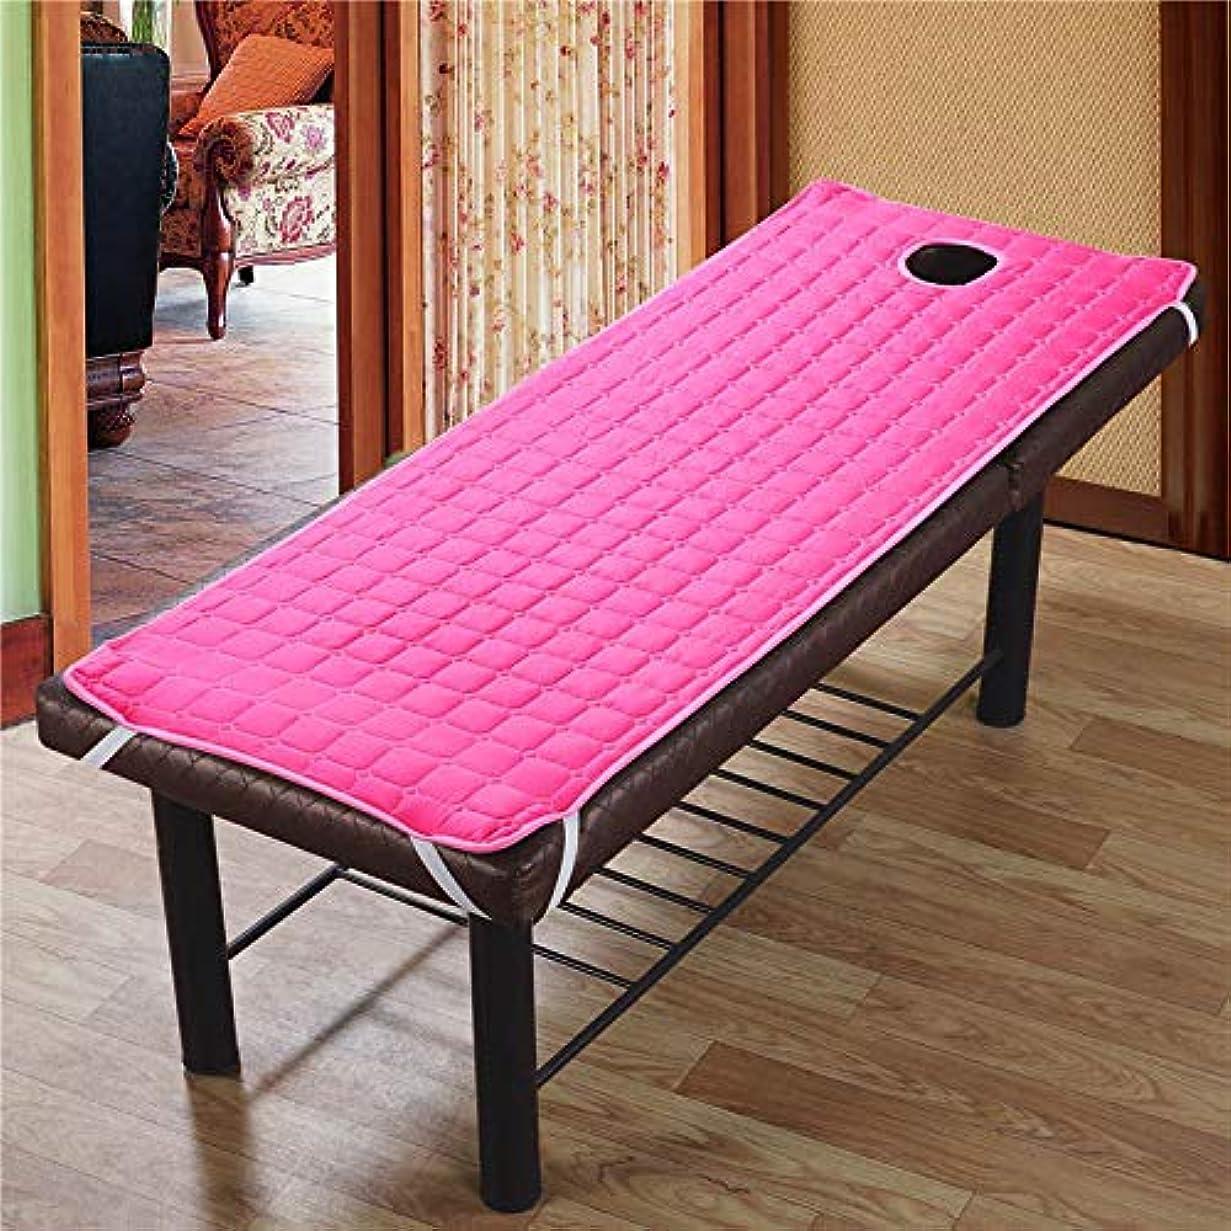 加速する入札試みるAylincool 美容院のマッサージ療法のベッドのための滑り止めのSoliod色の長方形のマットレス